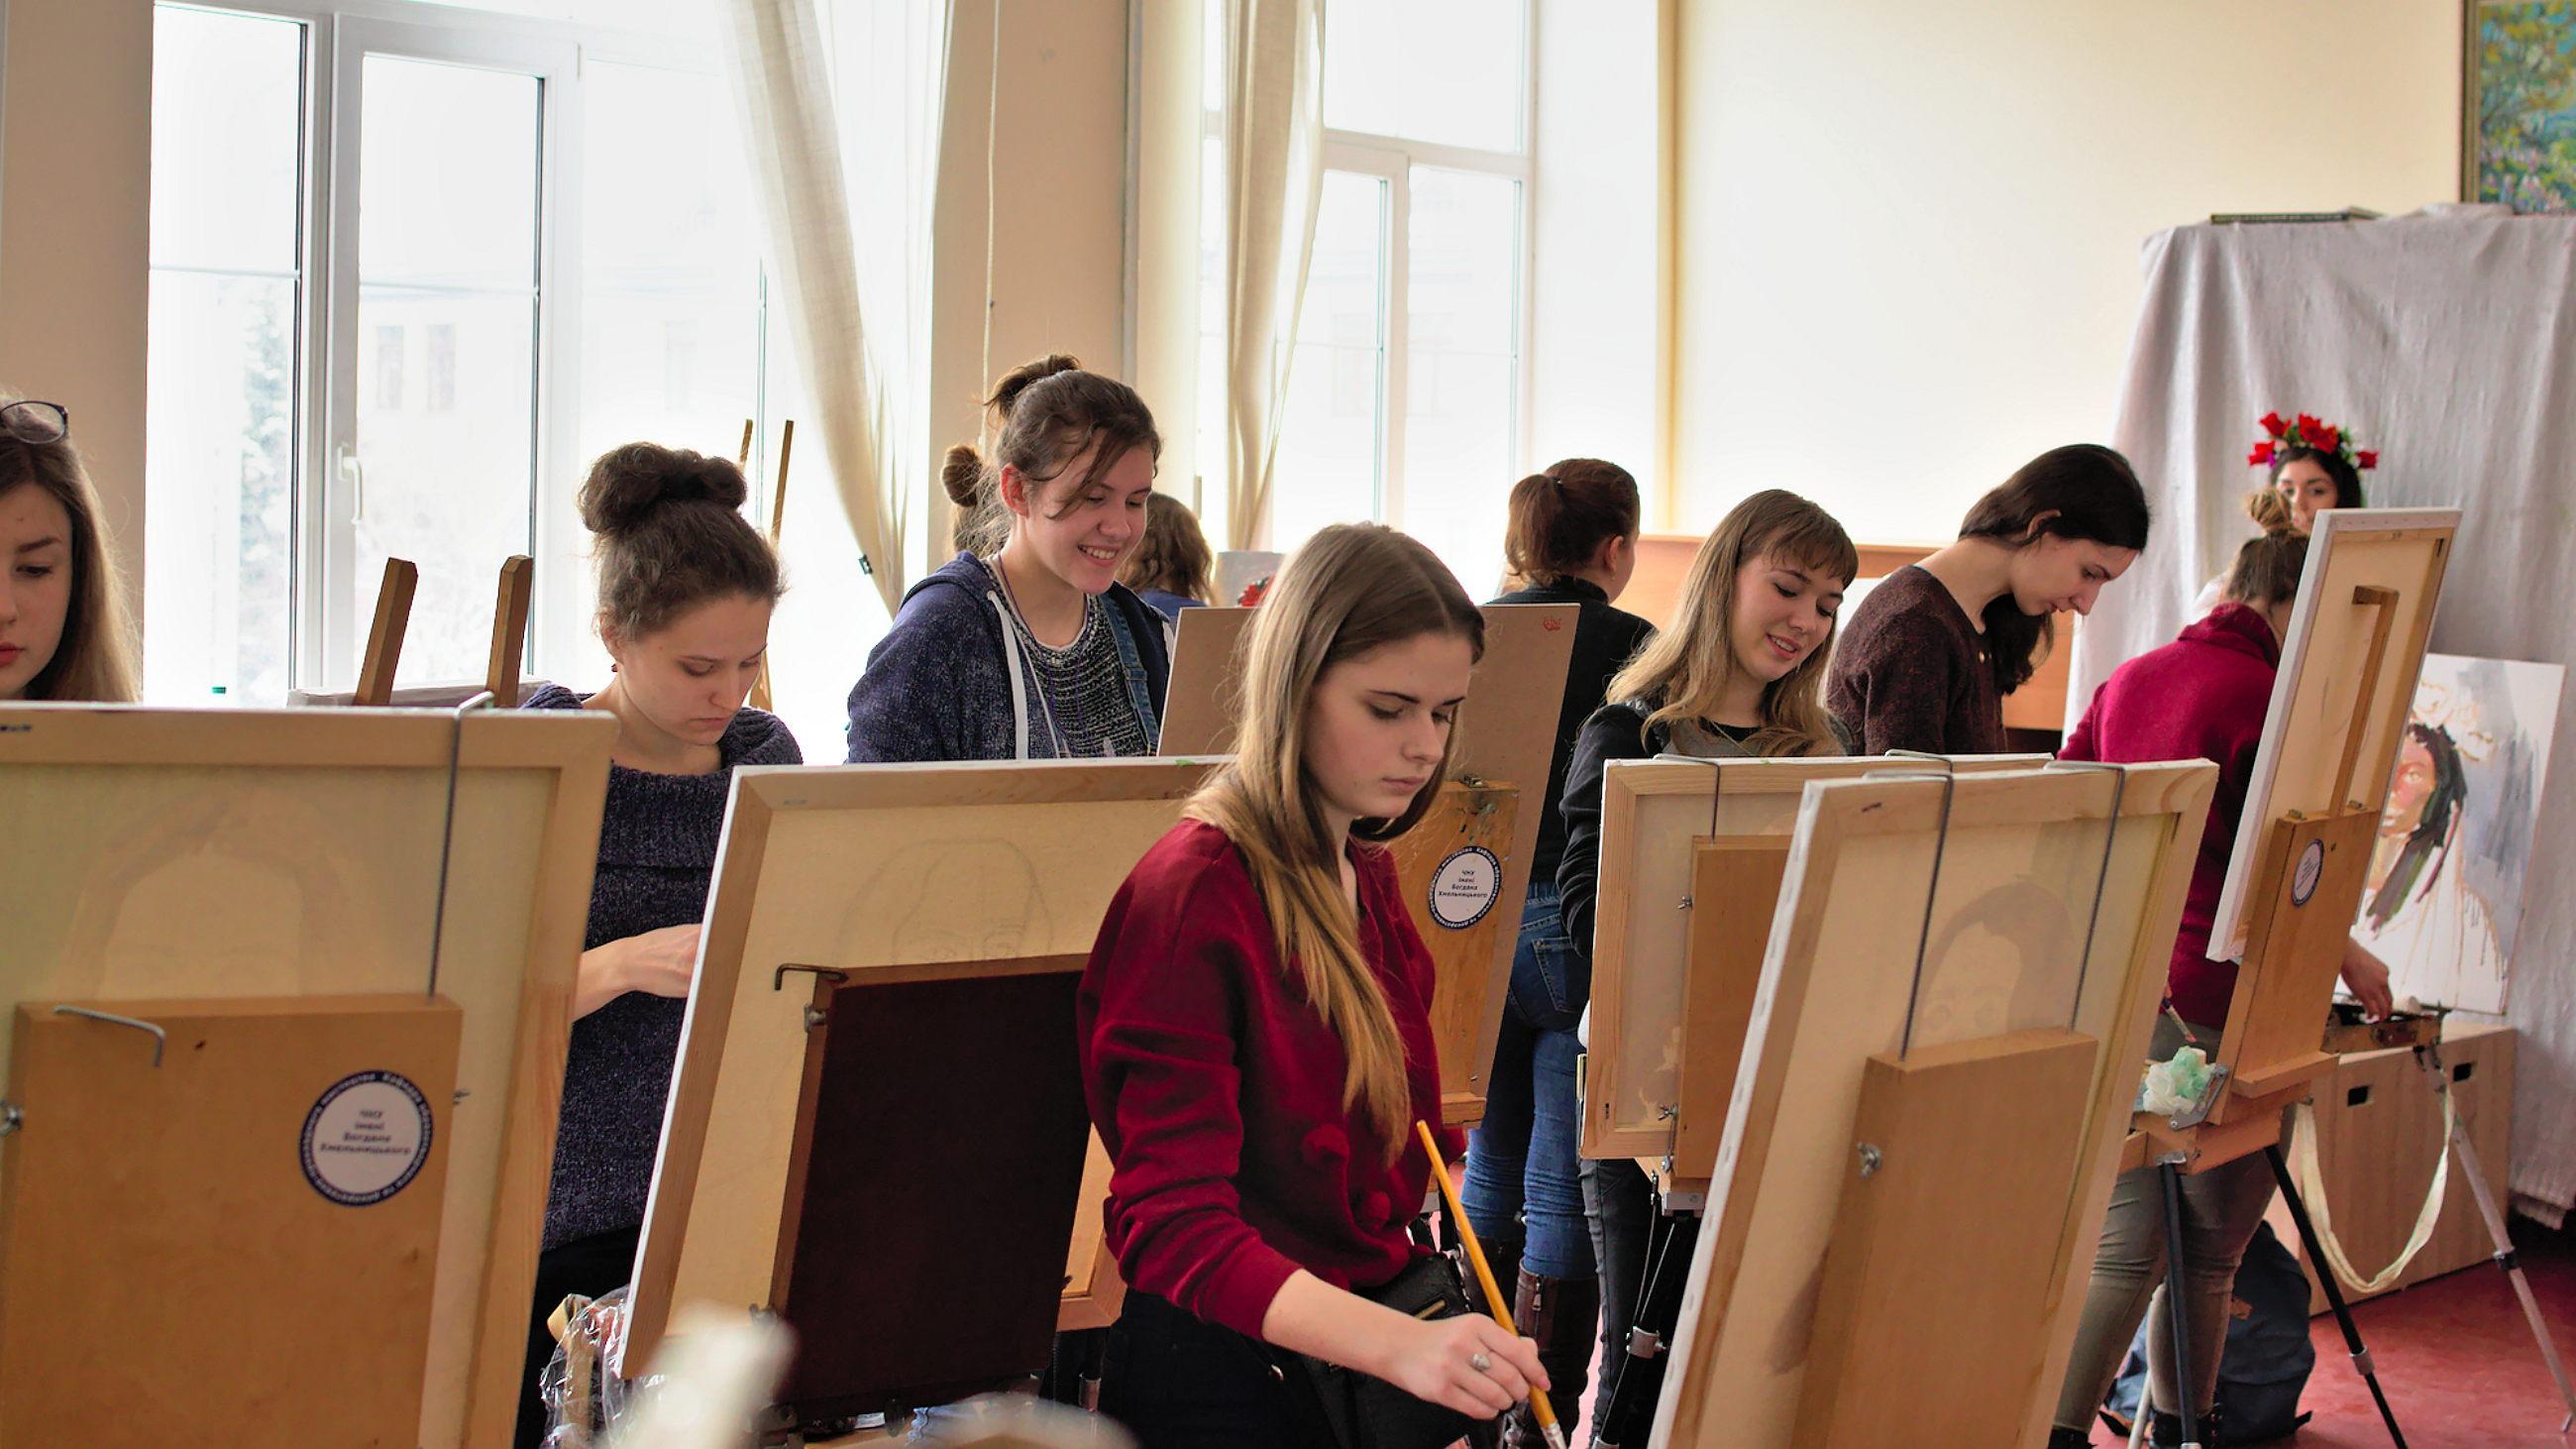 ІІ етап І туру університетської олімпіади з образотворчого мистецтва (Живопис)